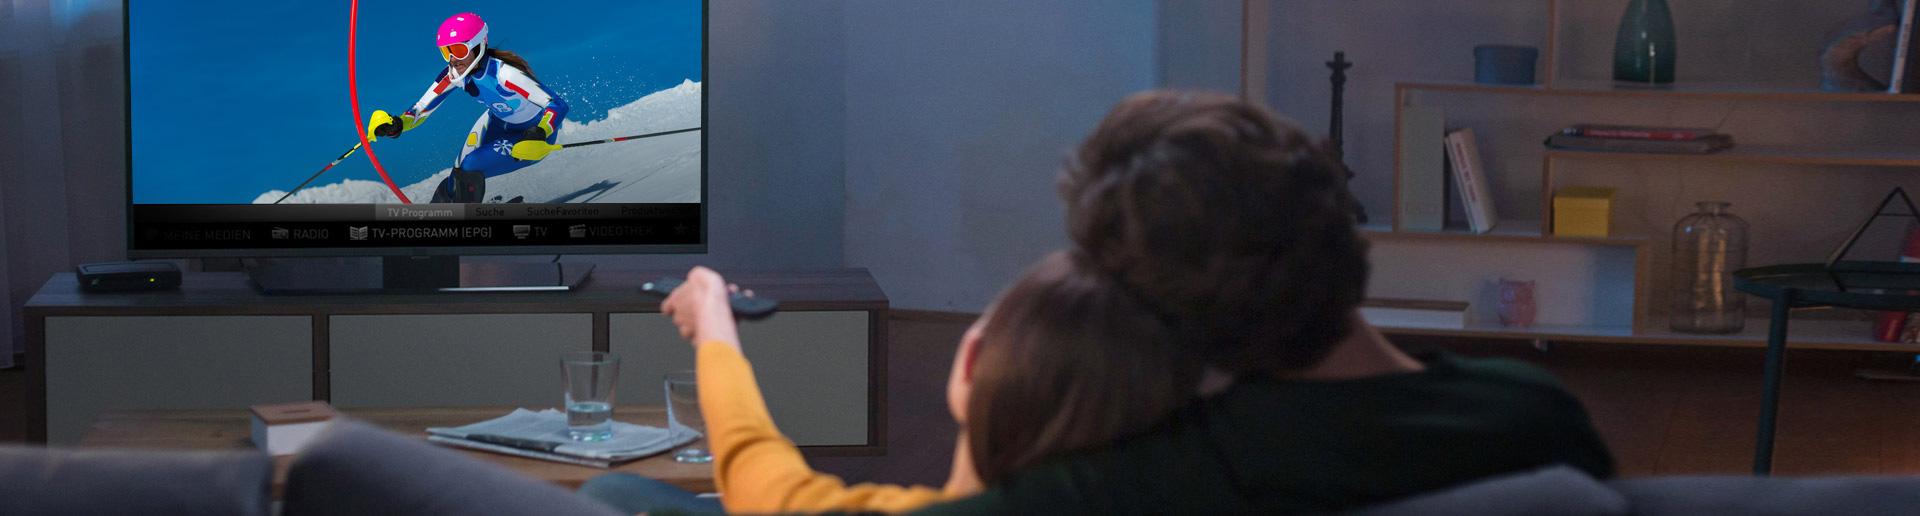 A1 View Control - Ihr Online Videorecorder